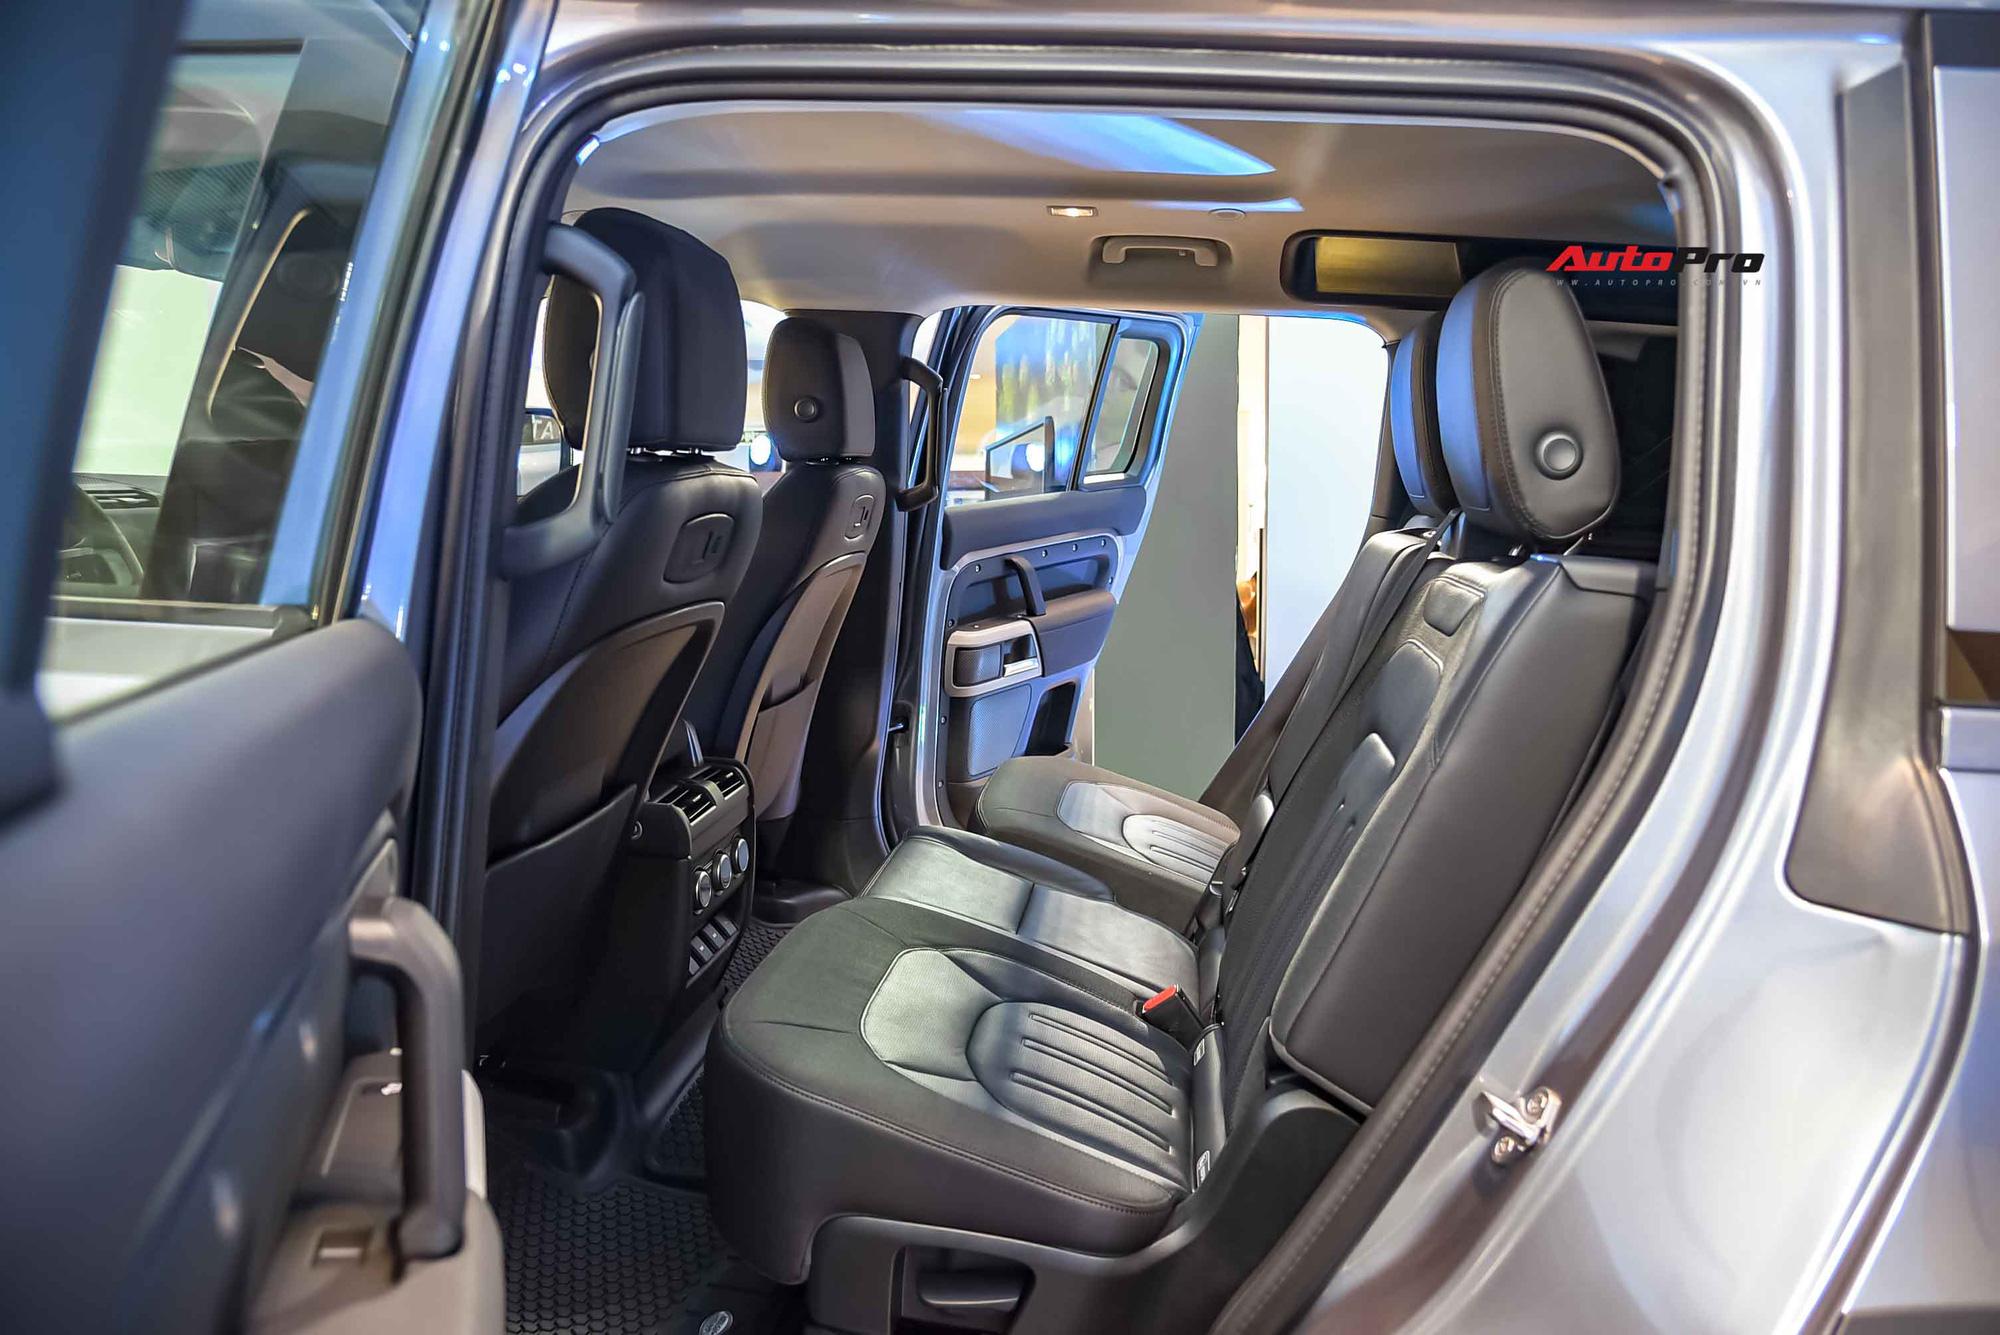 Ghế da nhưng kết hợp vải canvas - một loại vải bền và ít thấm nước. Theo giải thích của Land Rover, các nhà thiết kế tính toán để đặt vải canvas vào đúng những vị trí dễ sờn và rách nhất để tăng tuổi thọ của ghế.